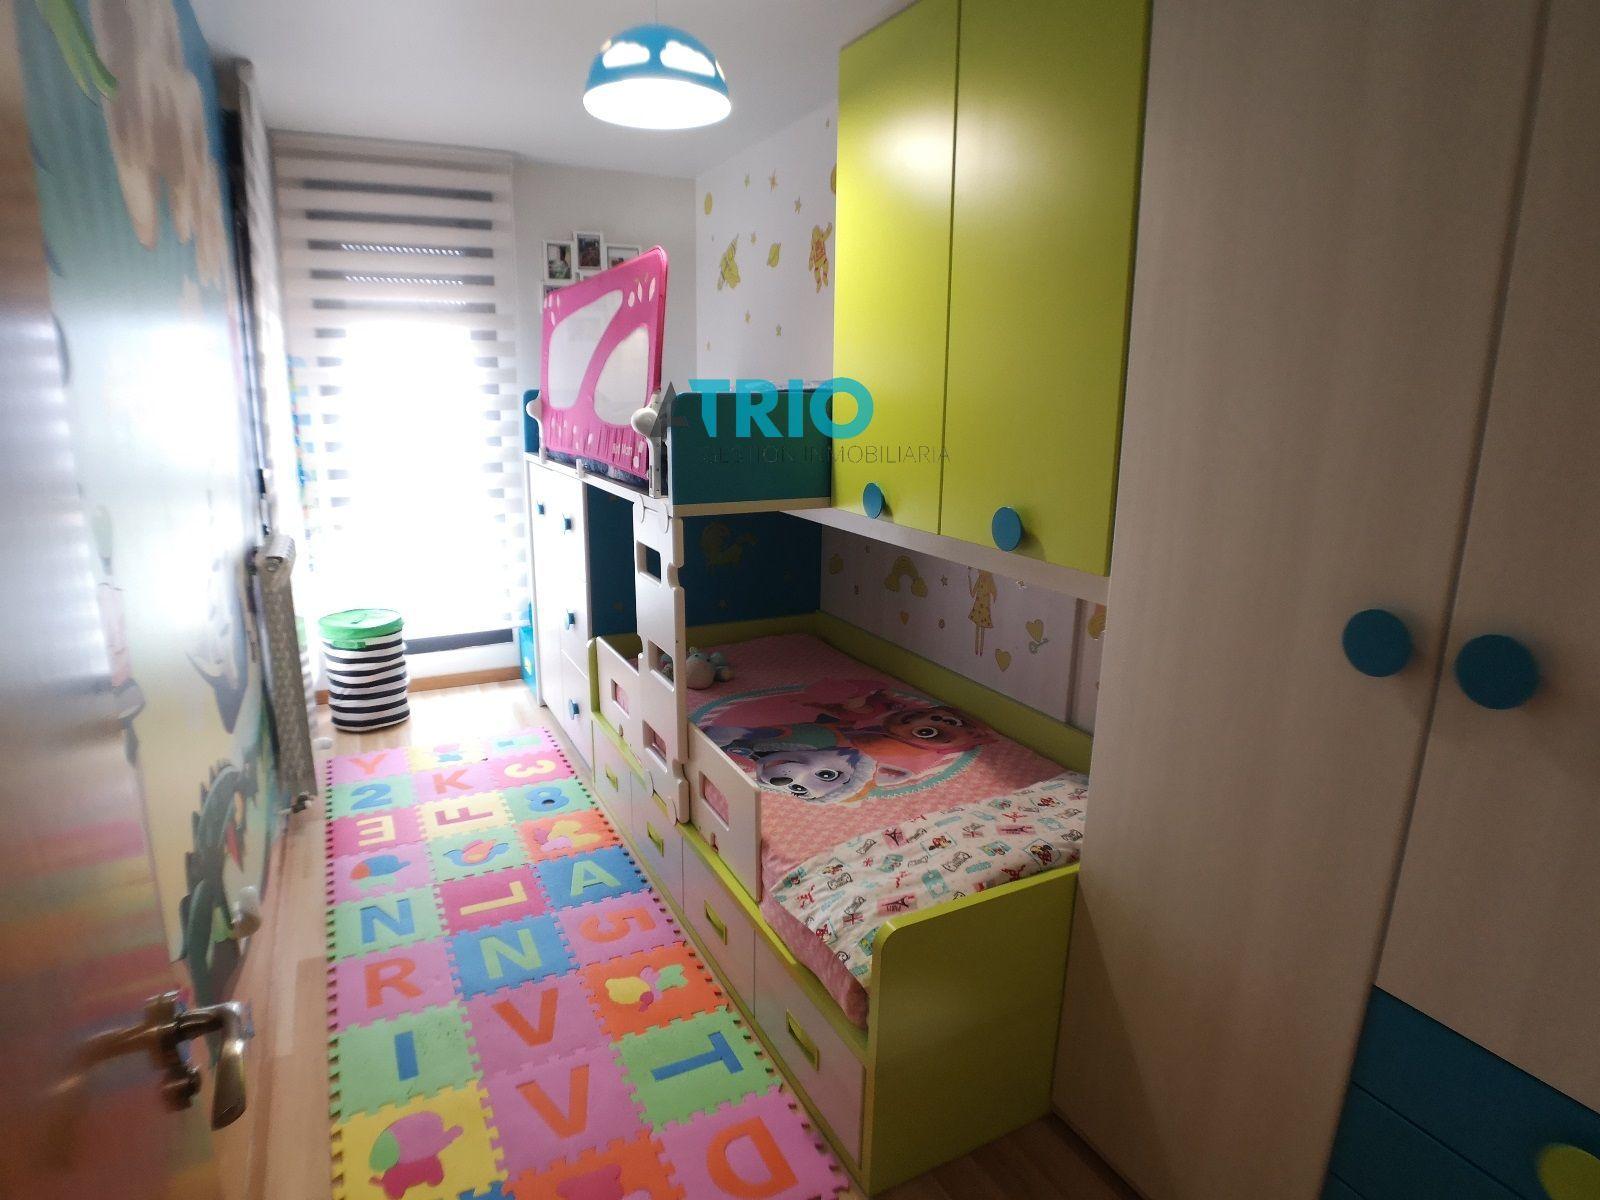 dia.mobiliagestion.es/Portals/inmoatrio/Images/6524/4287238